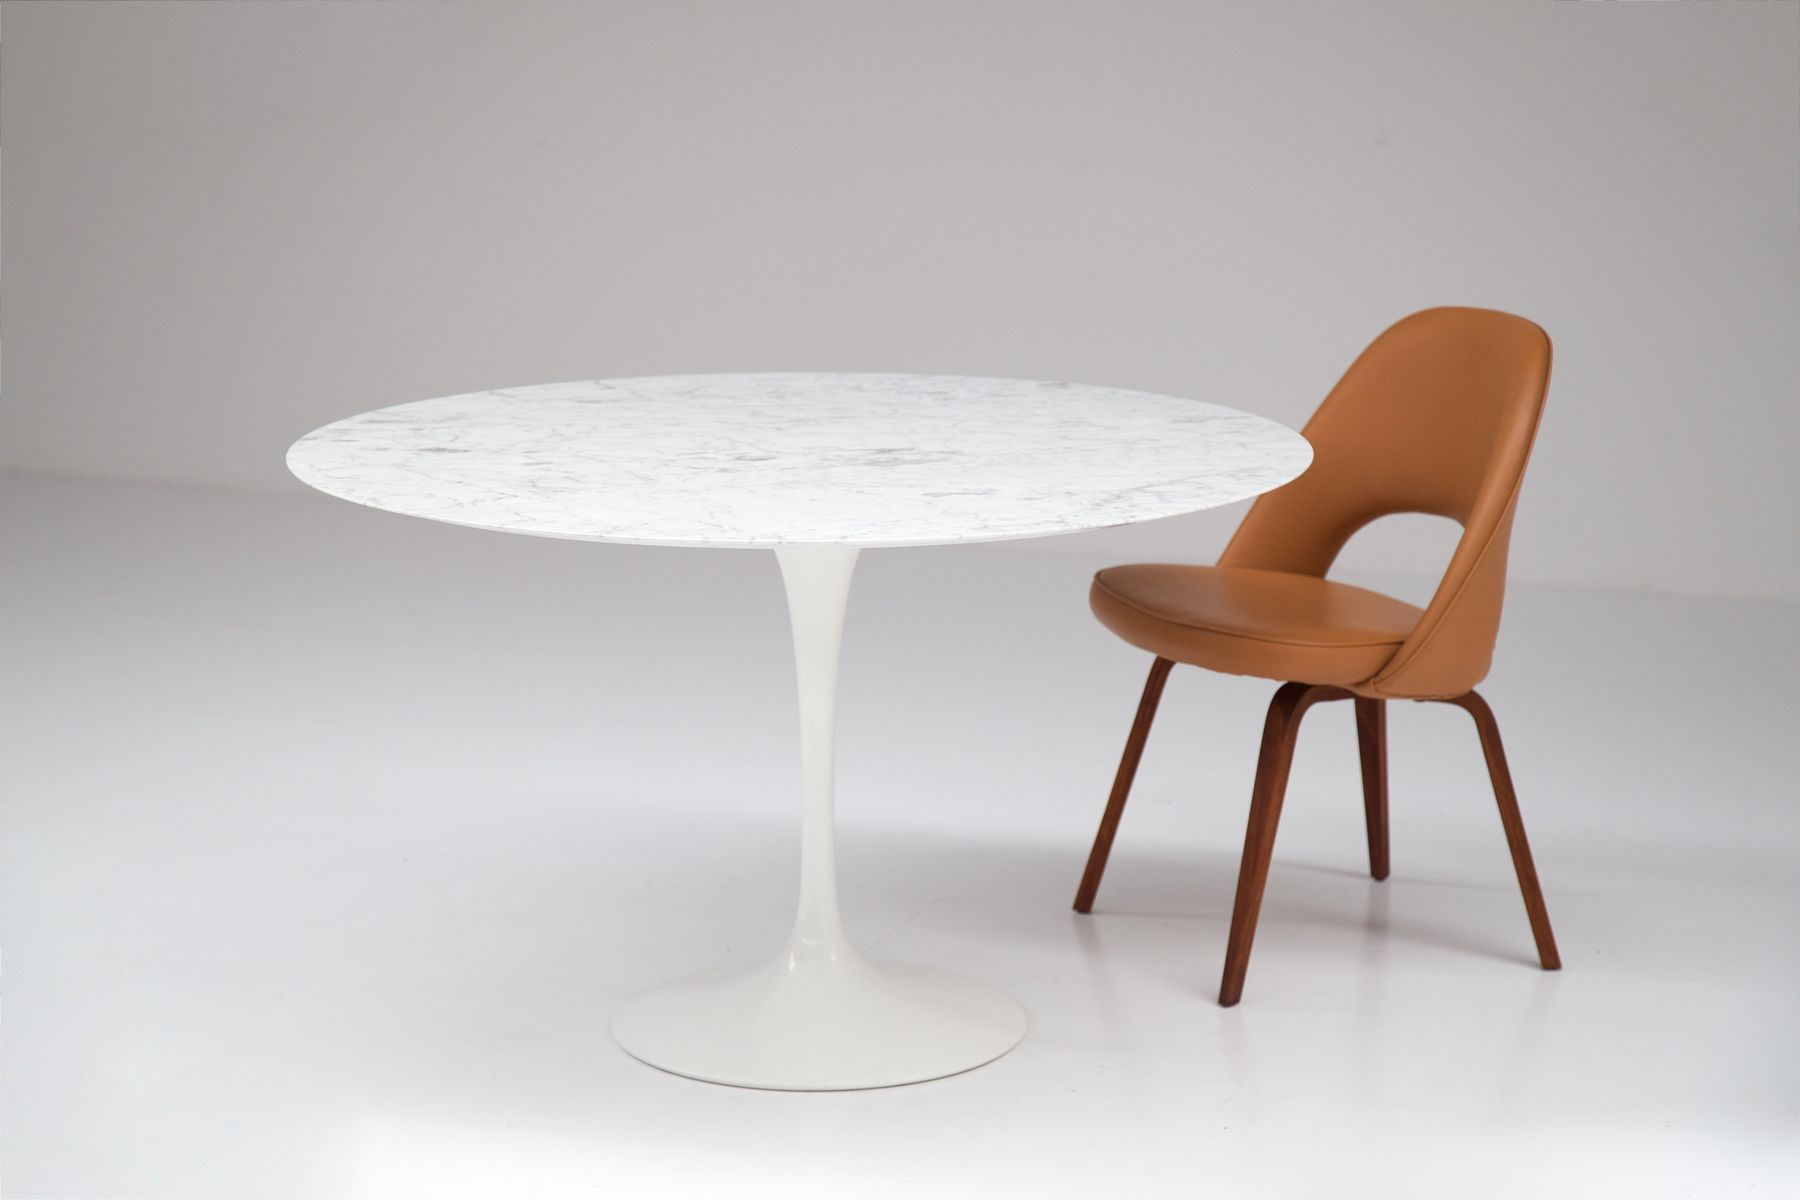 vintage tulip tisch von eero saarinen f r knoll bei pamono. Black Bedroom Furniture Sets. Home Design Ideas